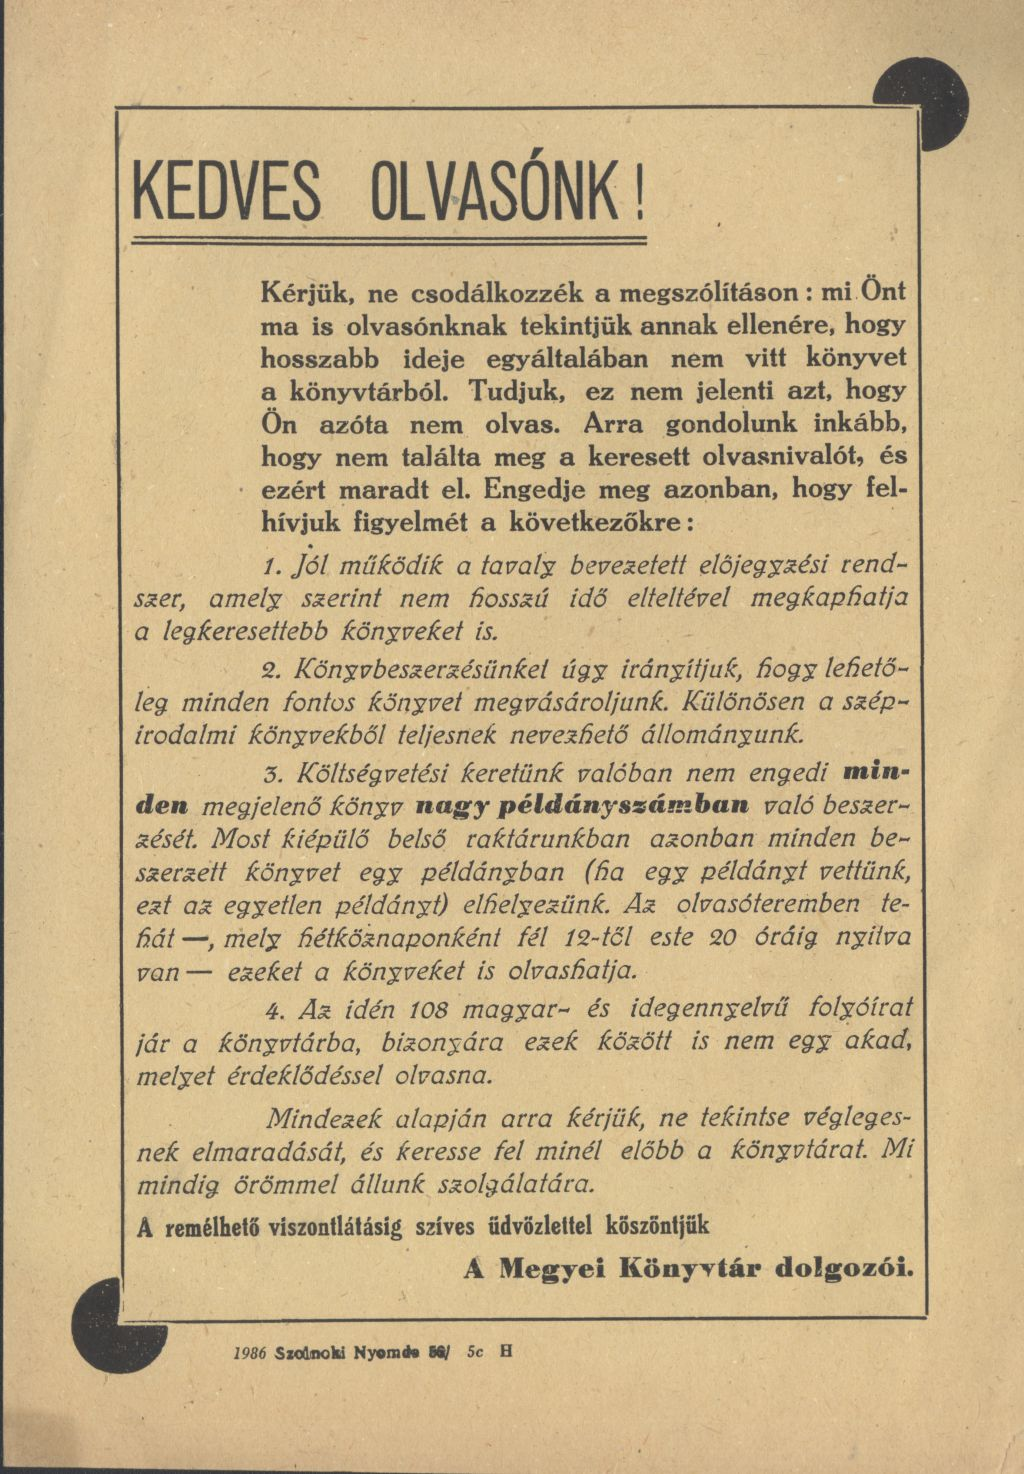 A Megyei Könyvtár tájékoztatója